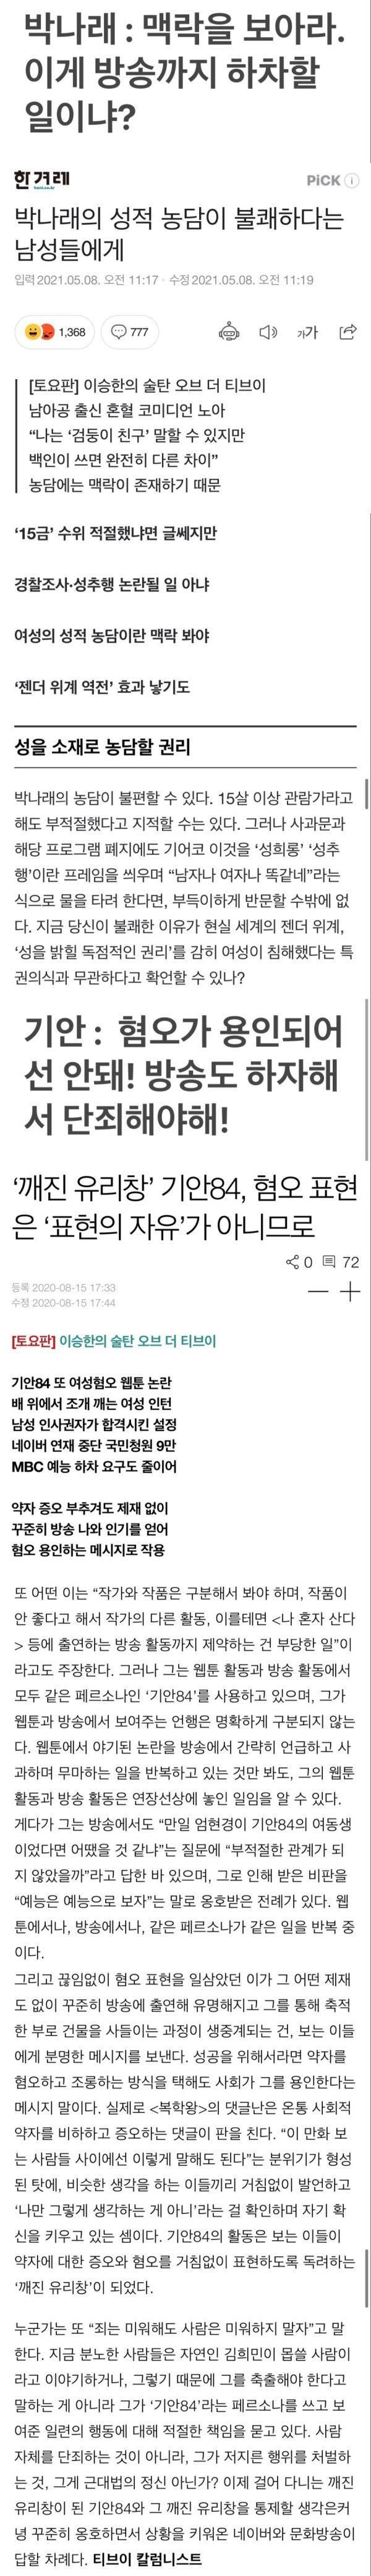 박나래 쉴드 글